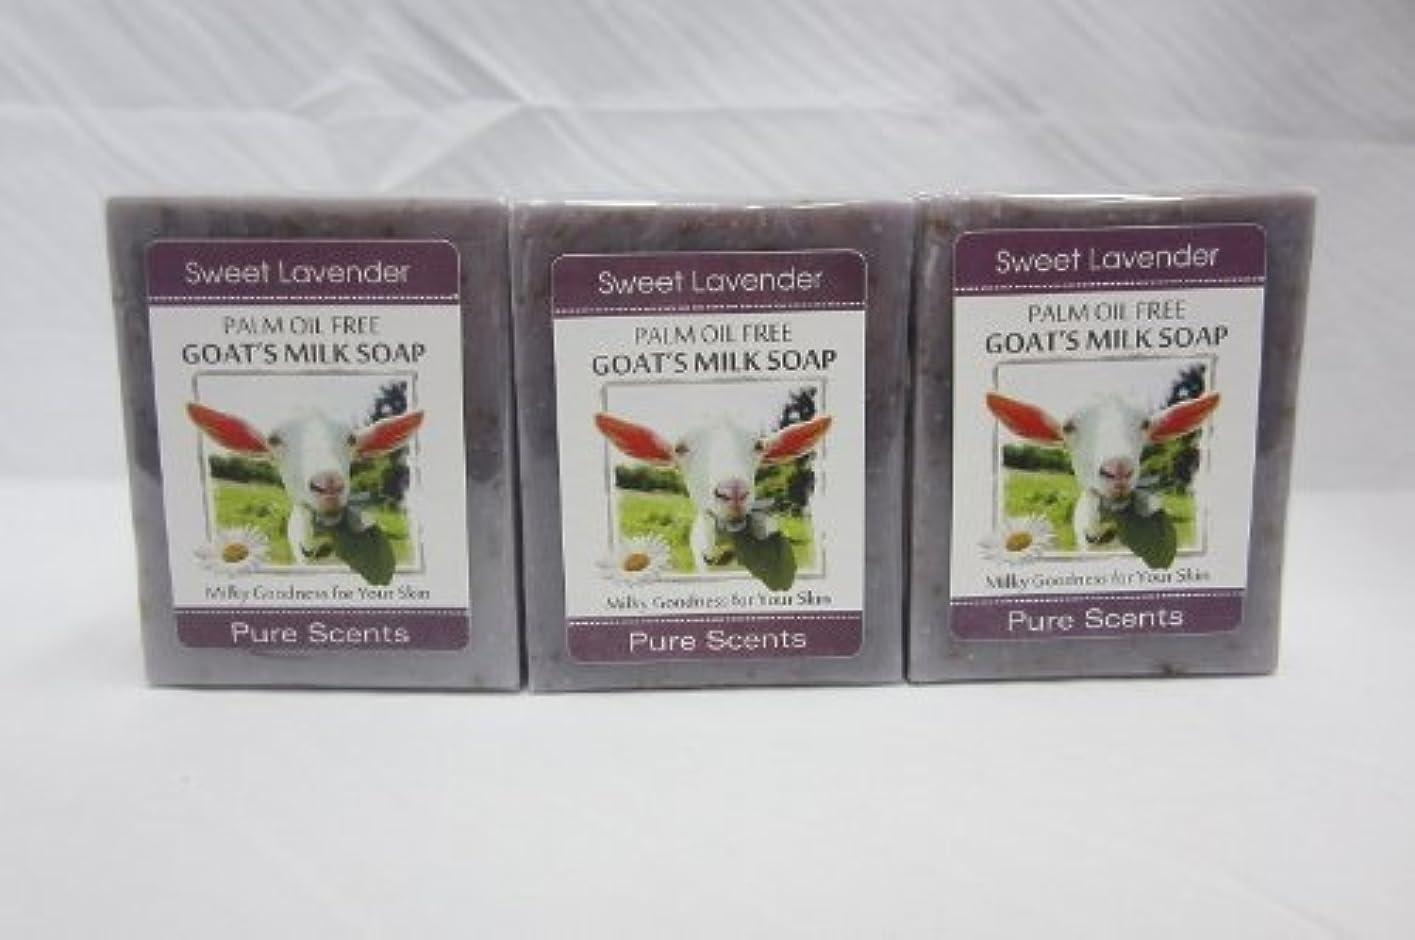 供給口頭計画【Pure Scents】Goat's Milk Soap ヤギのミルクせっけん 3個セット Sweet Lavender スイートラベンダー